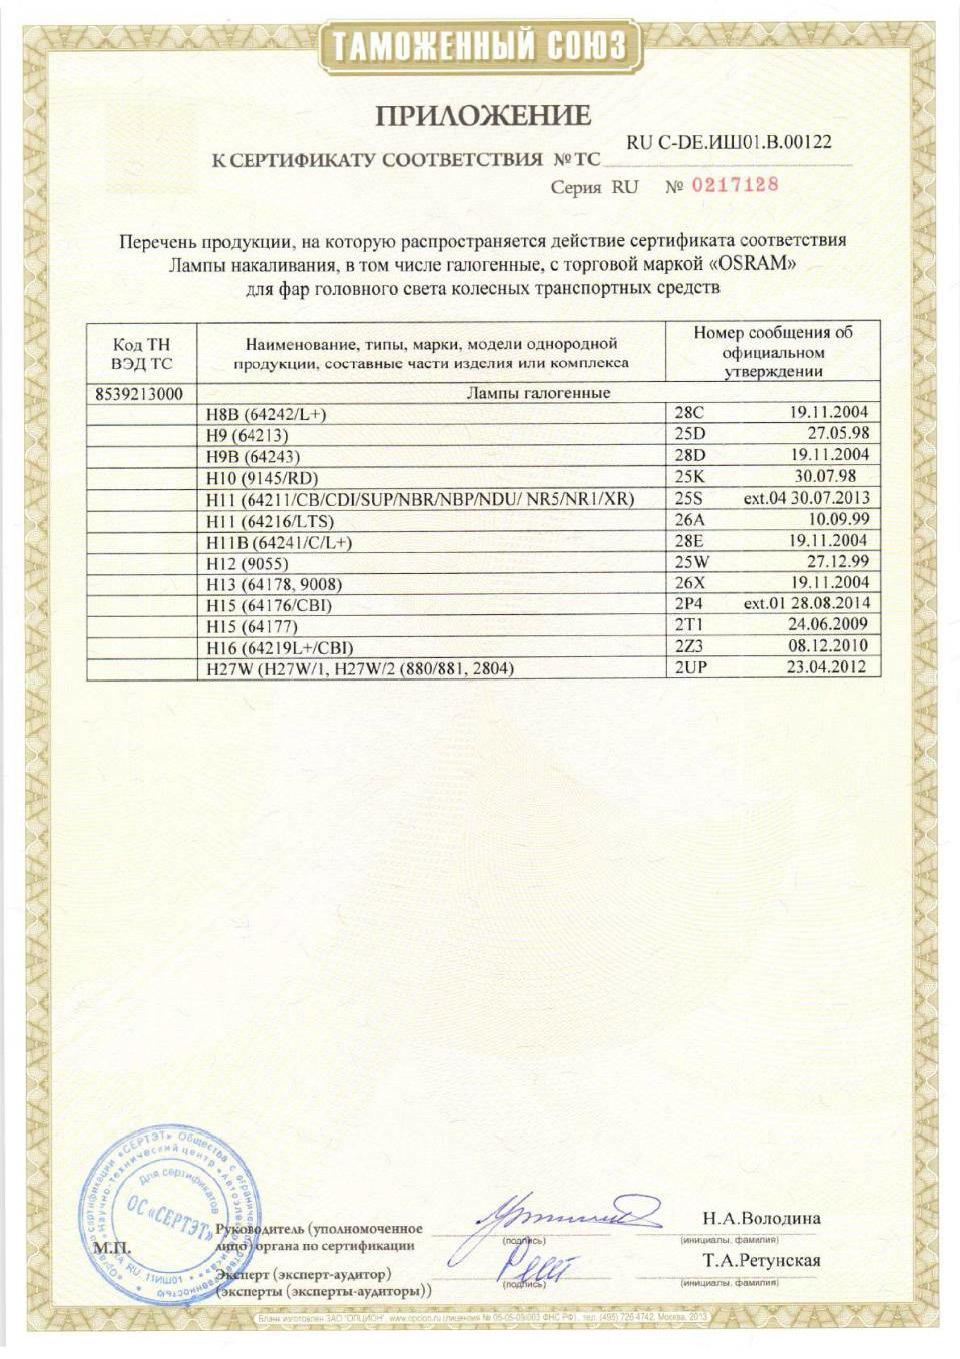 Сертификация специалистов osram лицензирование и сертификация деятельности грузоперевозки